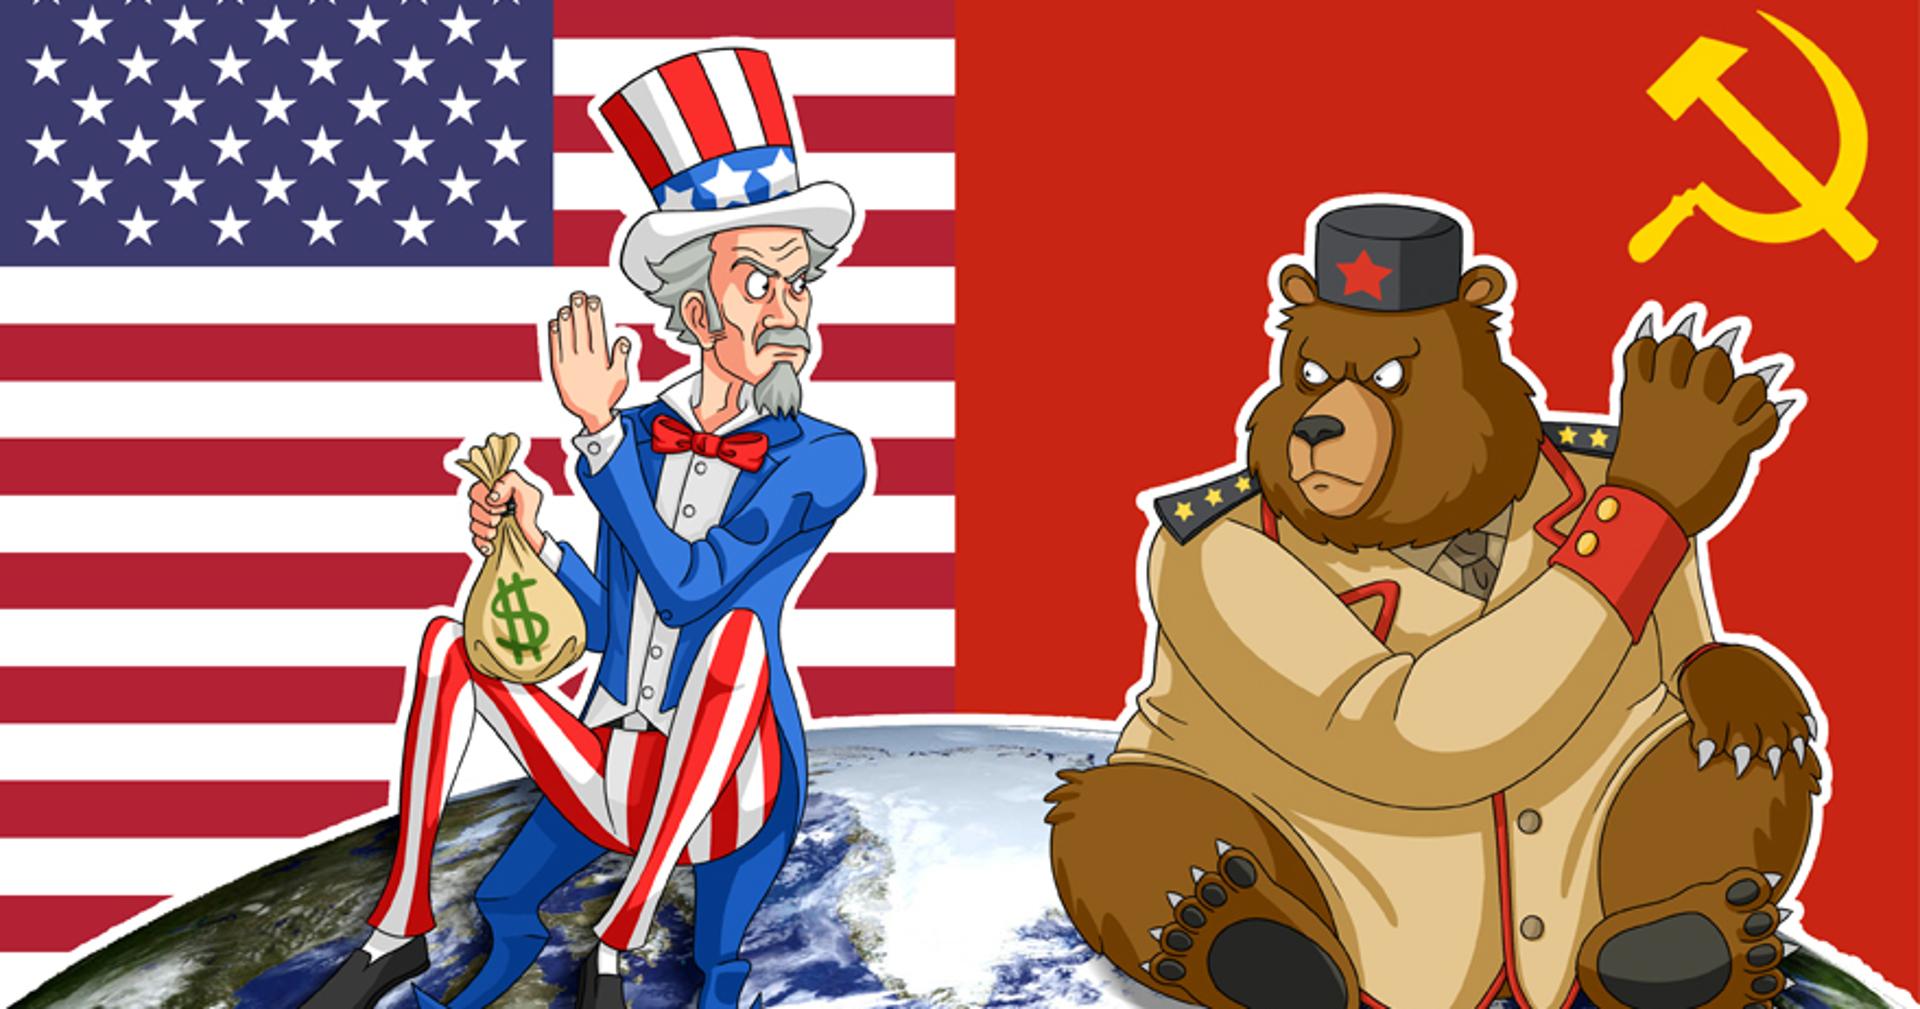 Прикольные картинки про америку и россию, экспресс карьера картинки